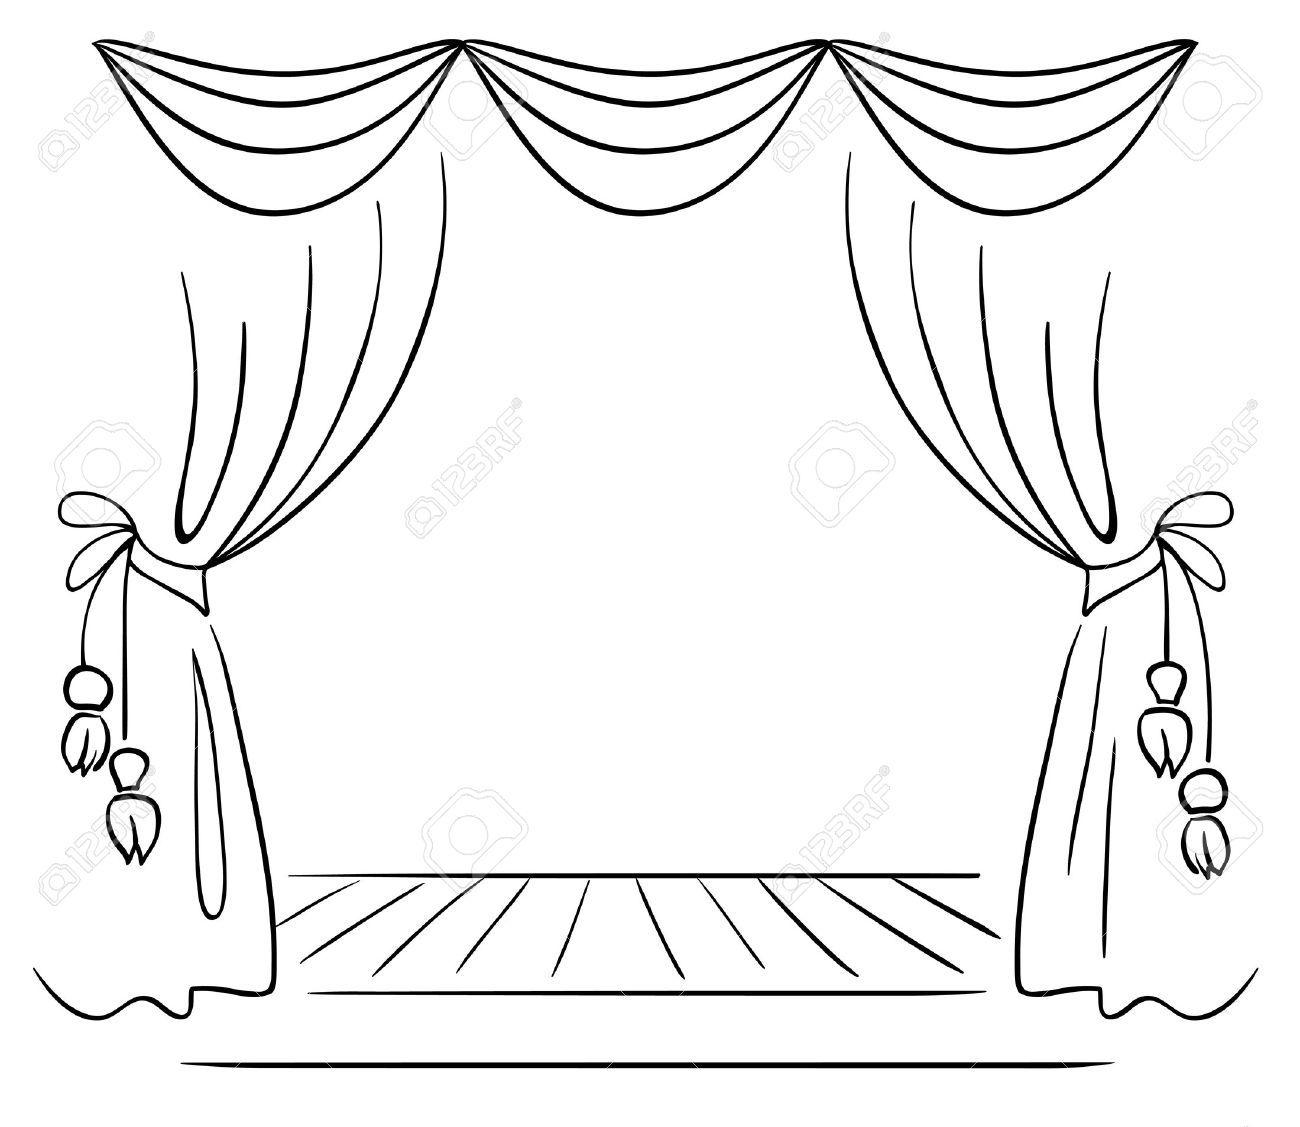 Resultado de imagen para teatro dibujo | teatro | Theatre stage